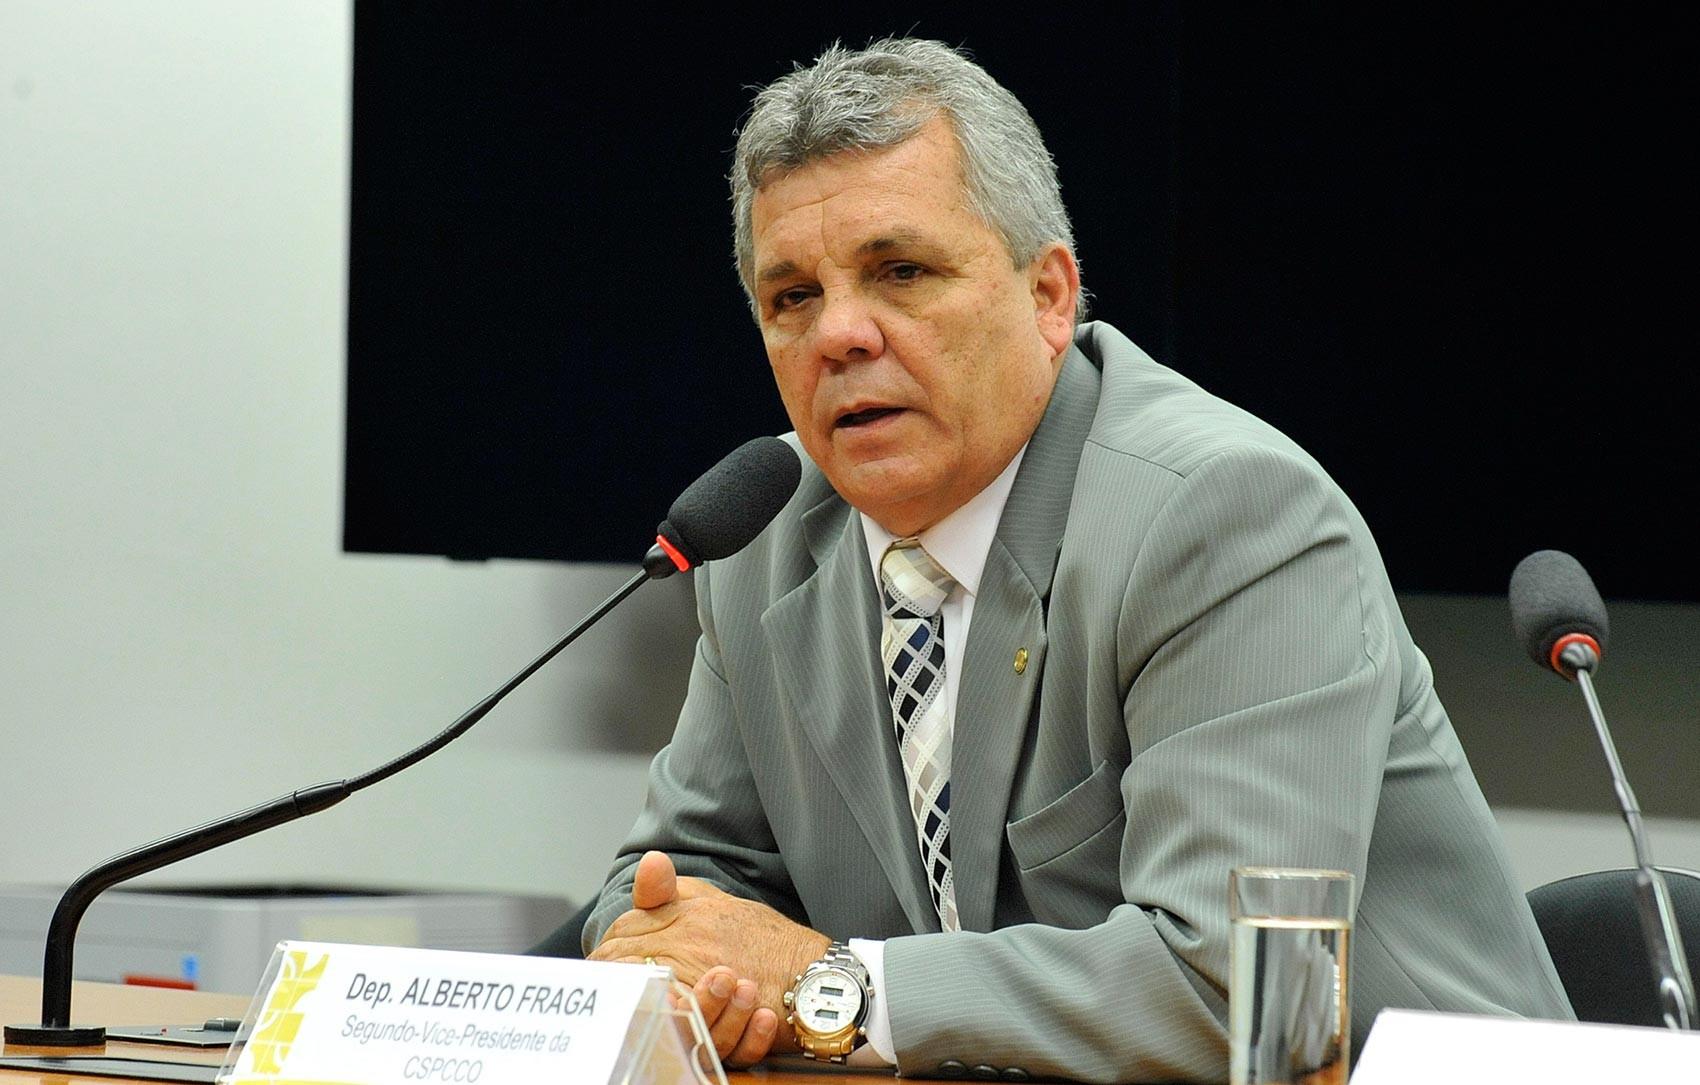 PSOL protocola no CNJ reclamação contra desembargadora por notícia falsa sobre Marielle